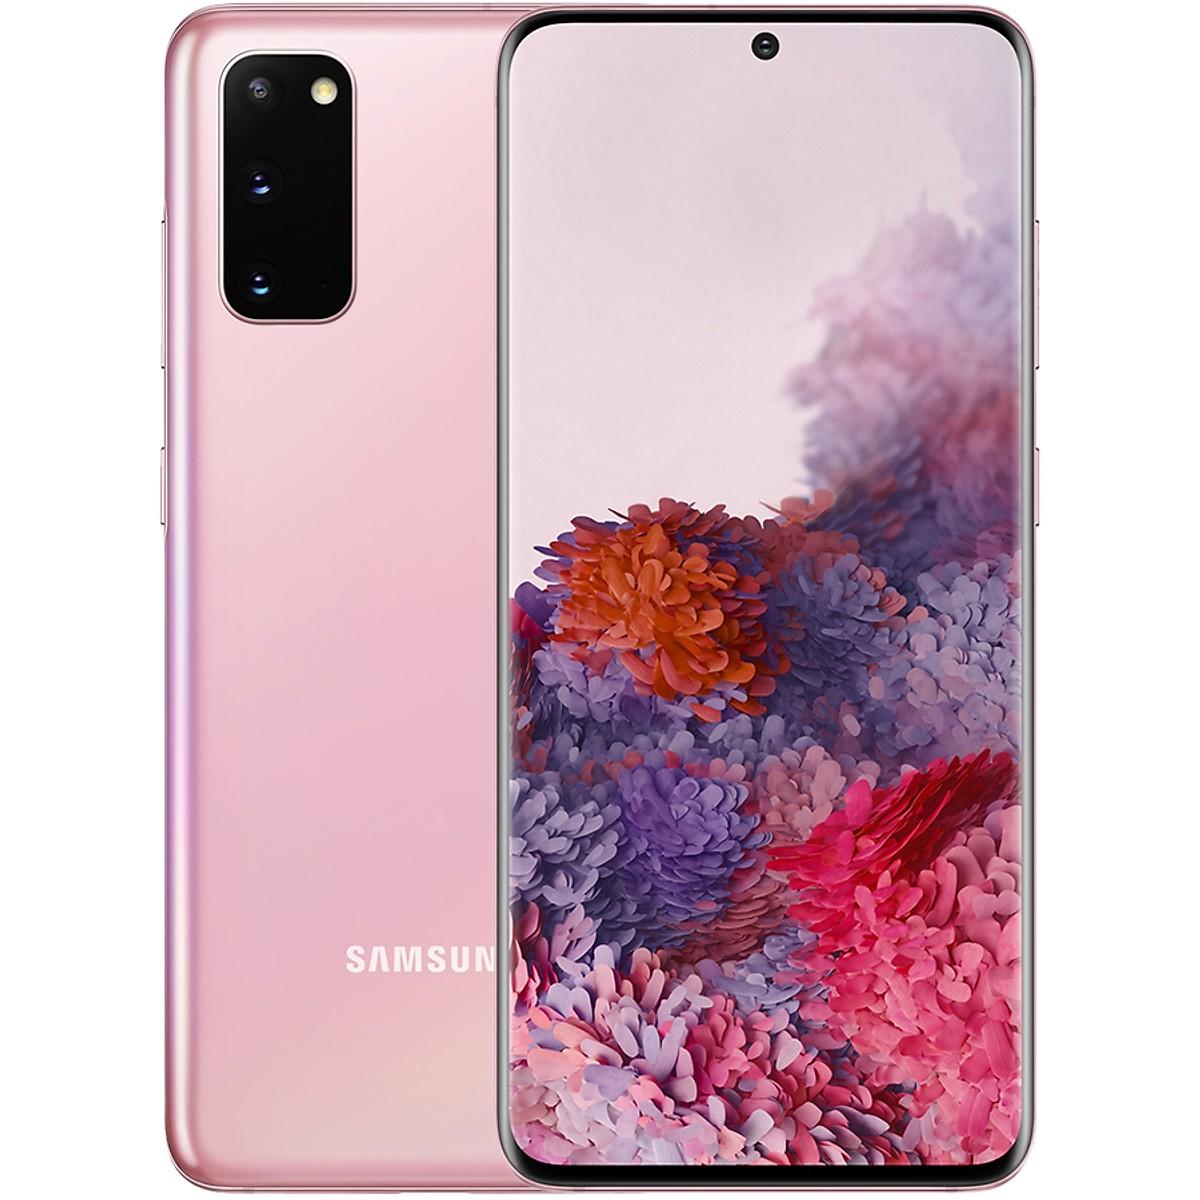 Hình ảnh Điện Thoại Samsung Galaxy S20 - Hàng Chính Hãng - Đã Kích Hoạt